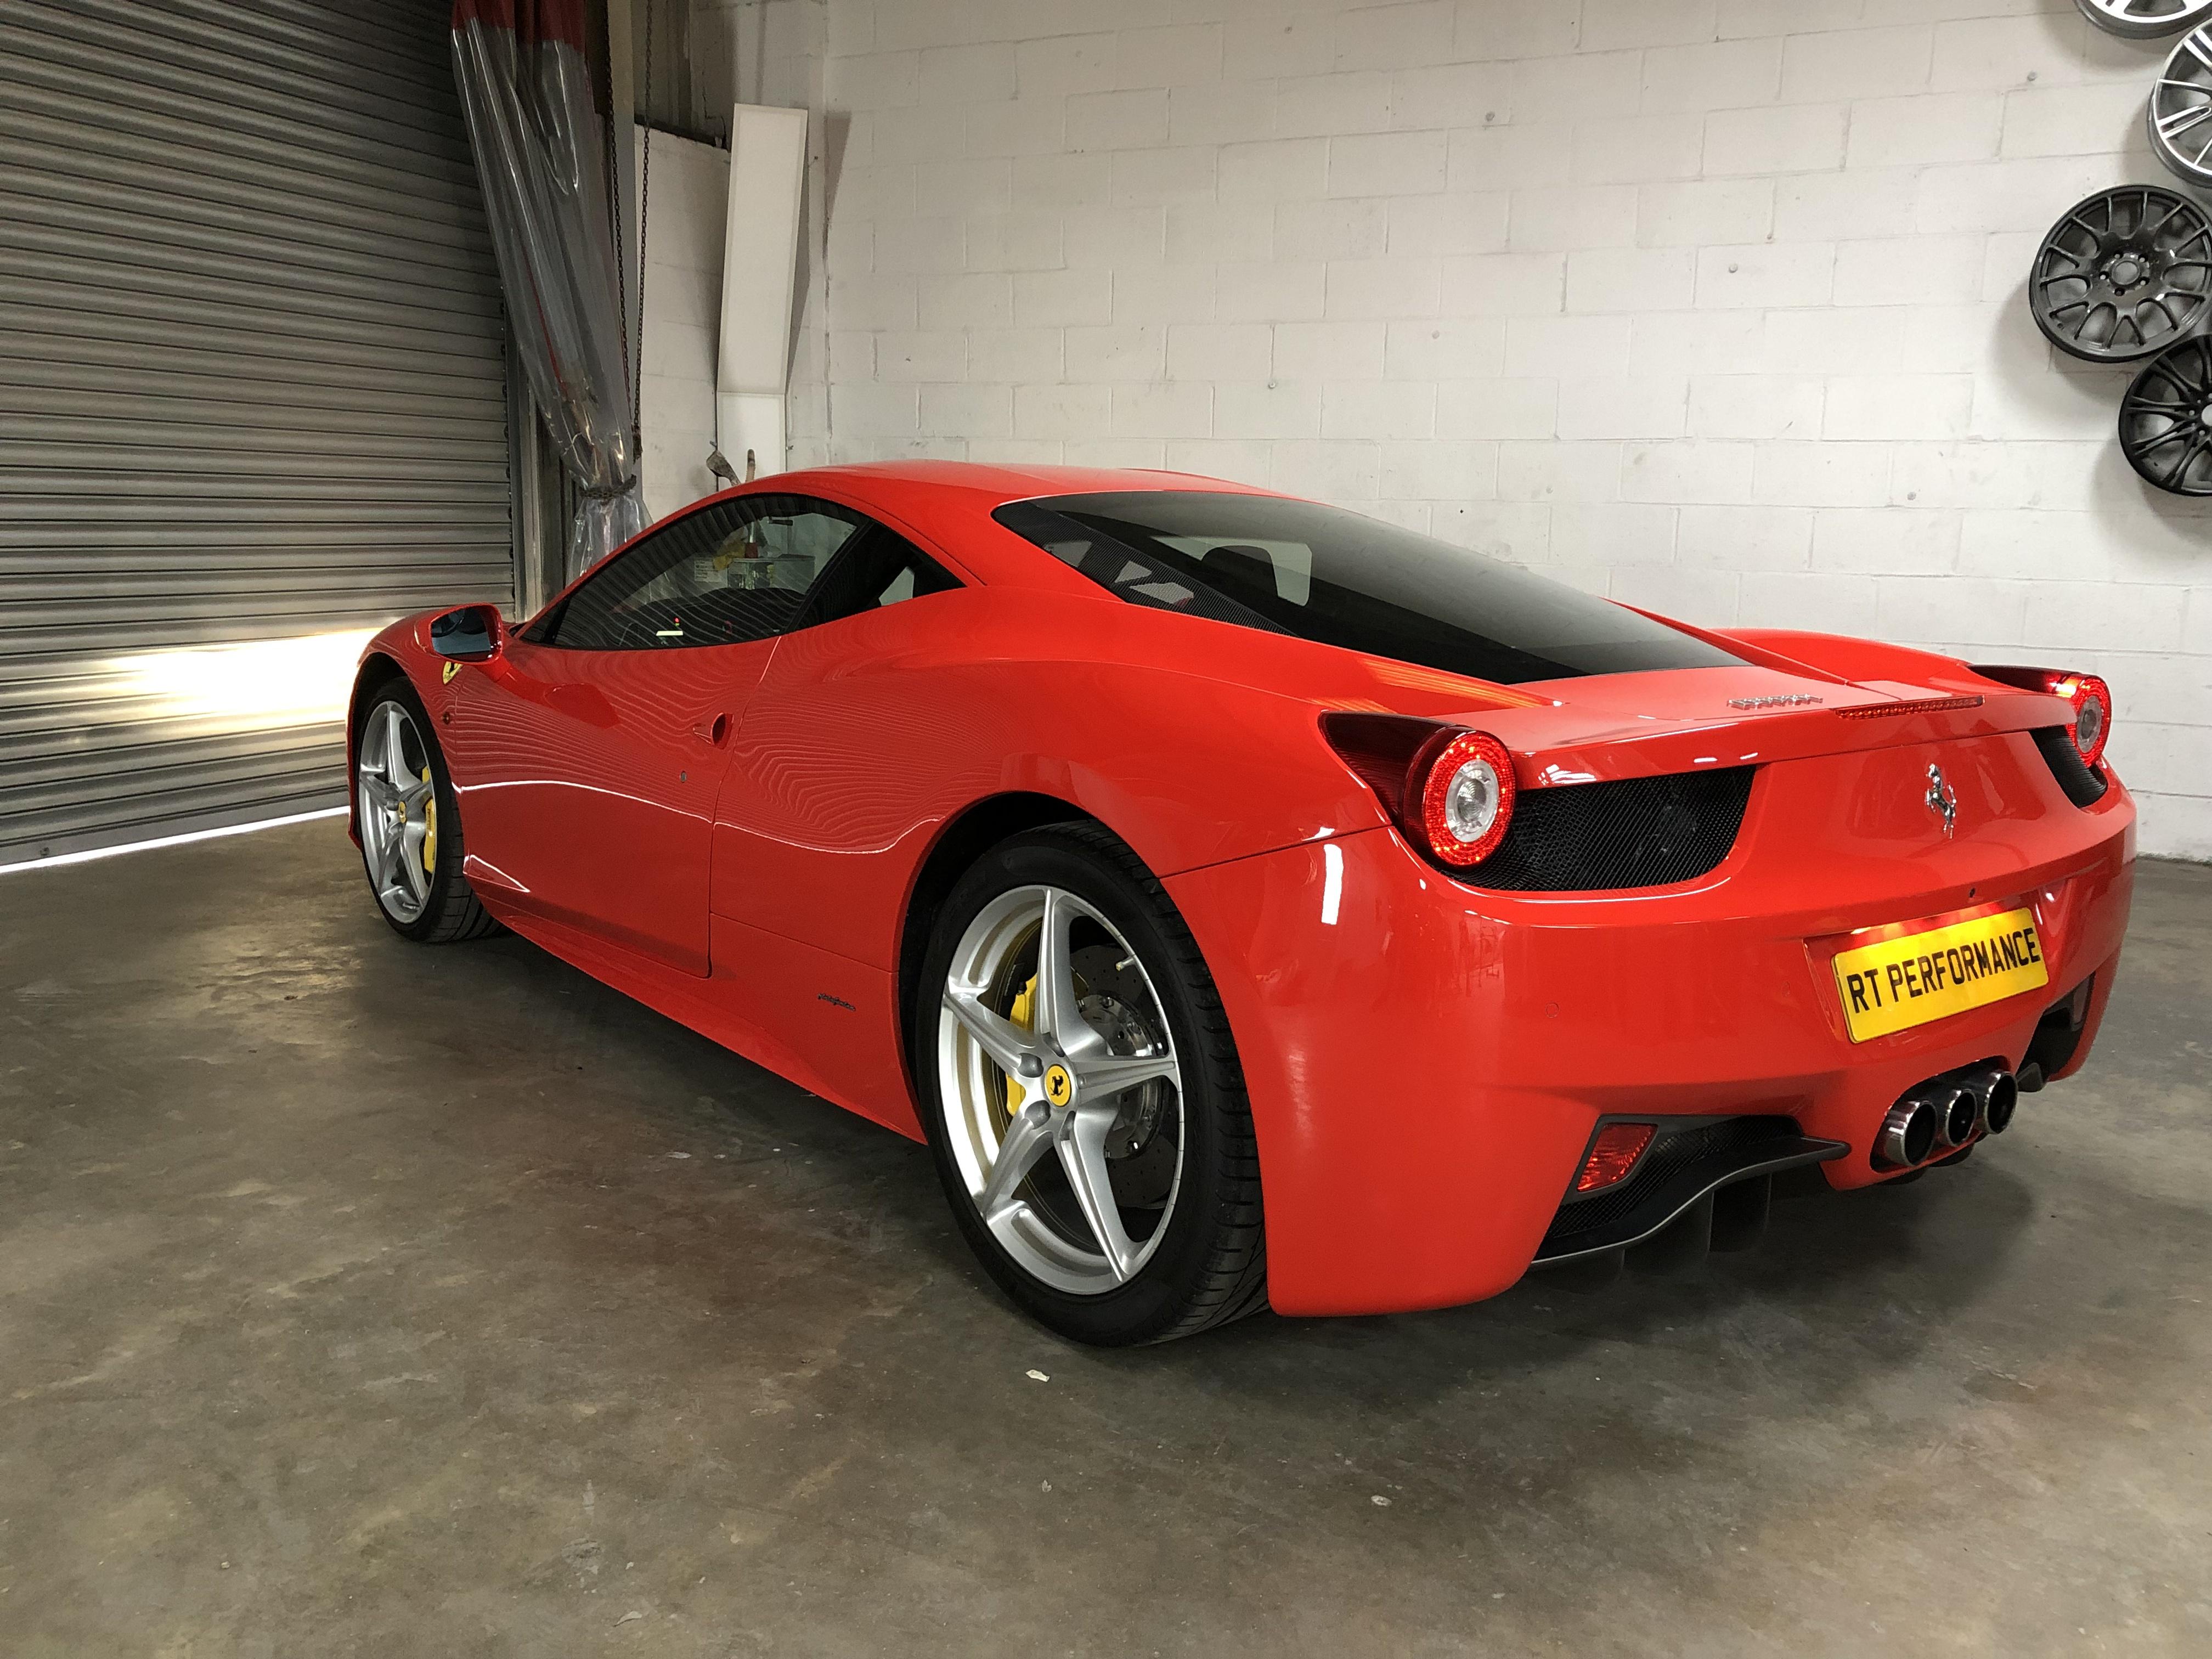 Ferrari-418-Italia-bodywork